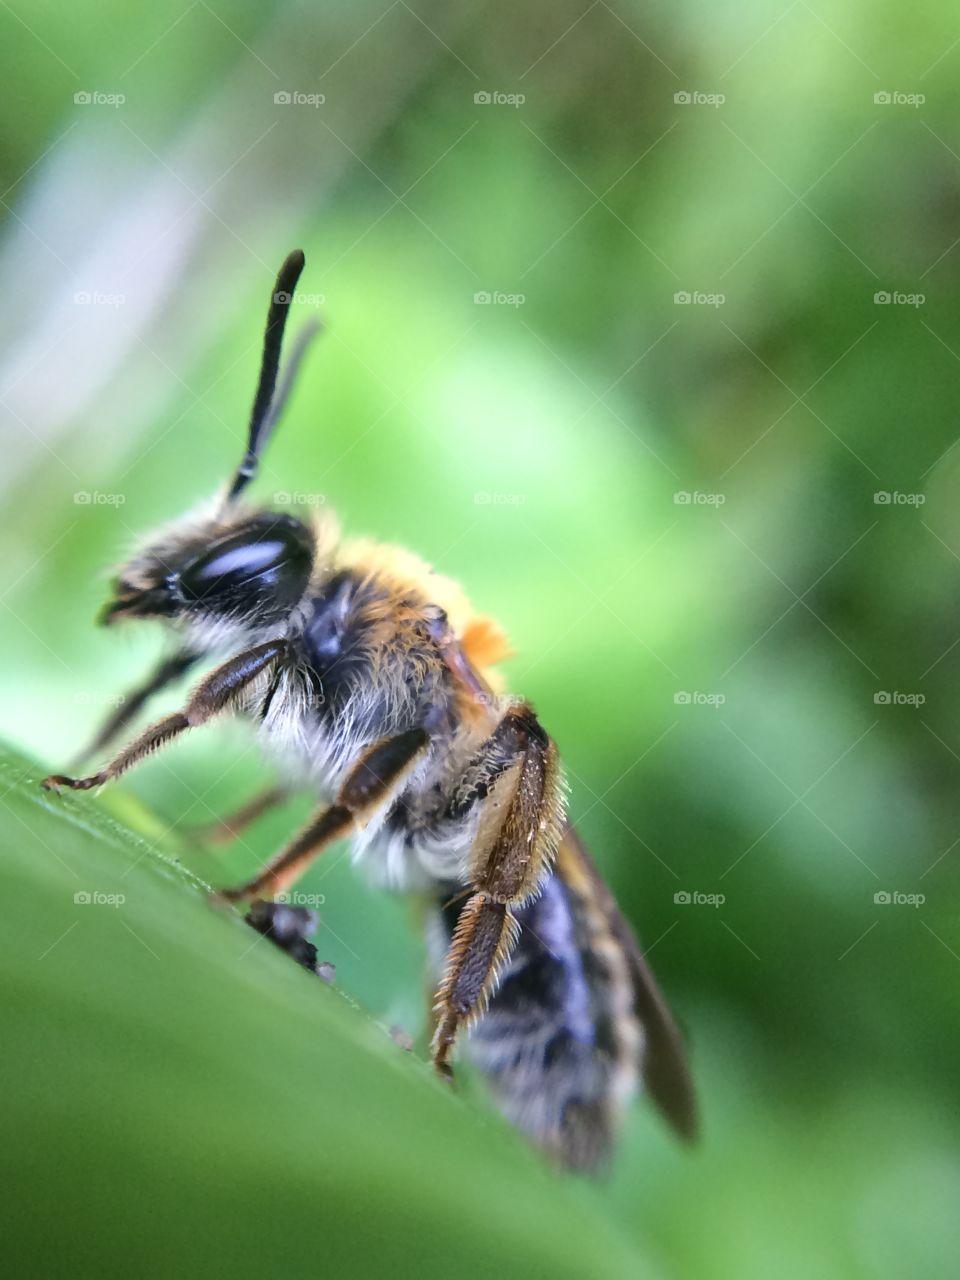 Honey bee on leaf